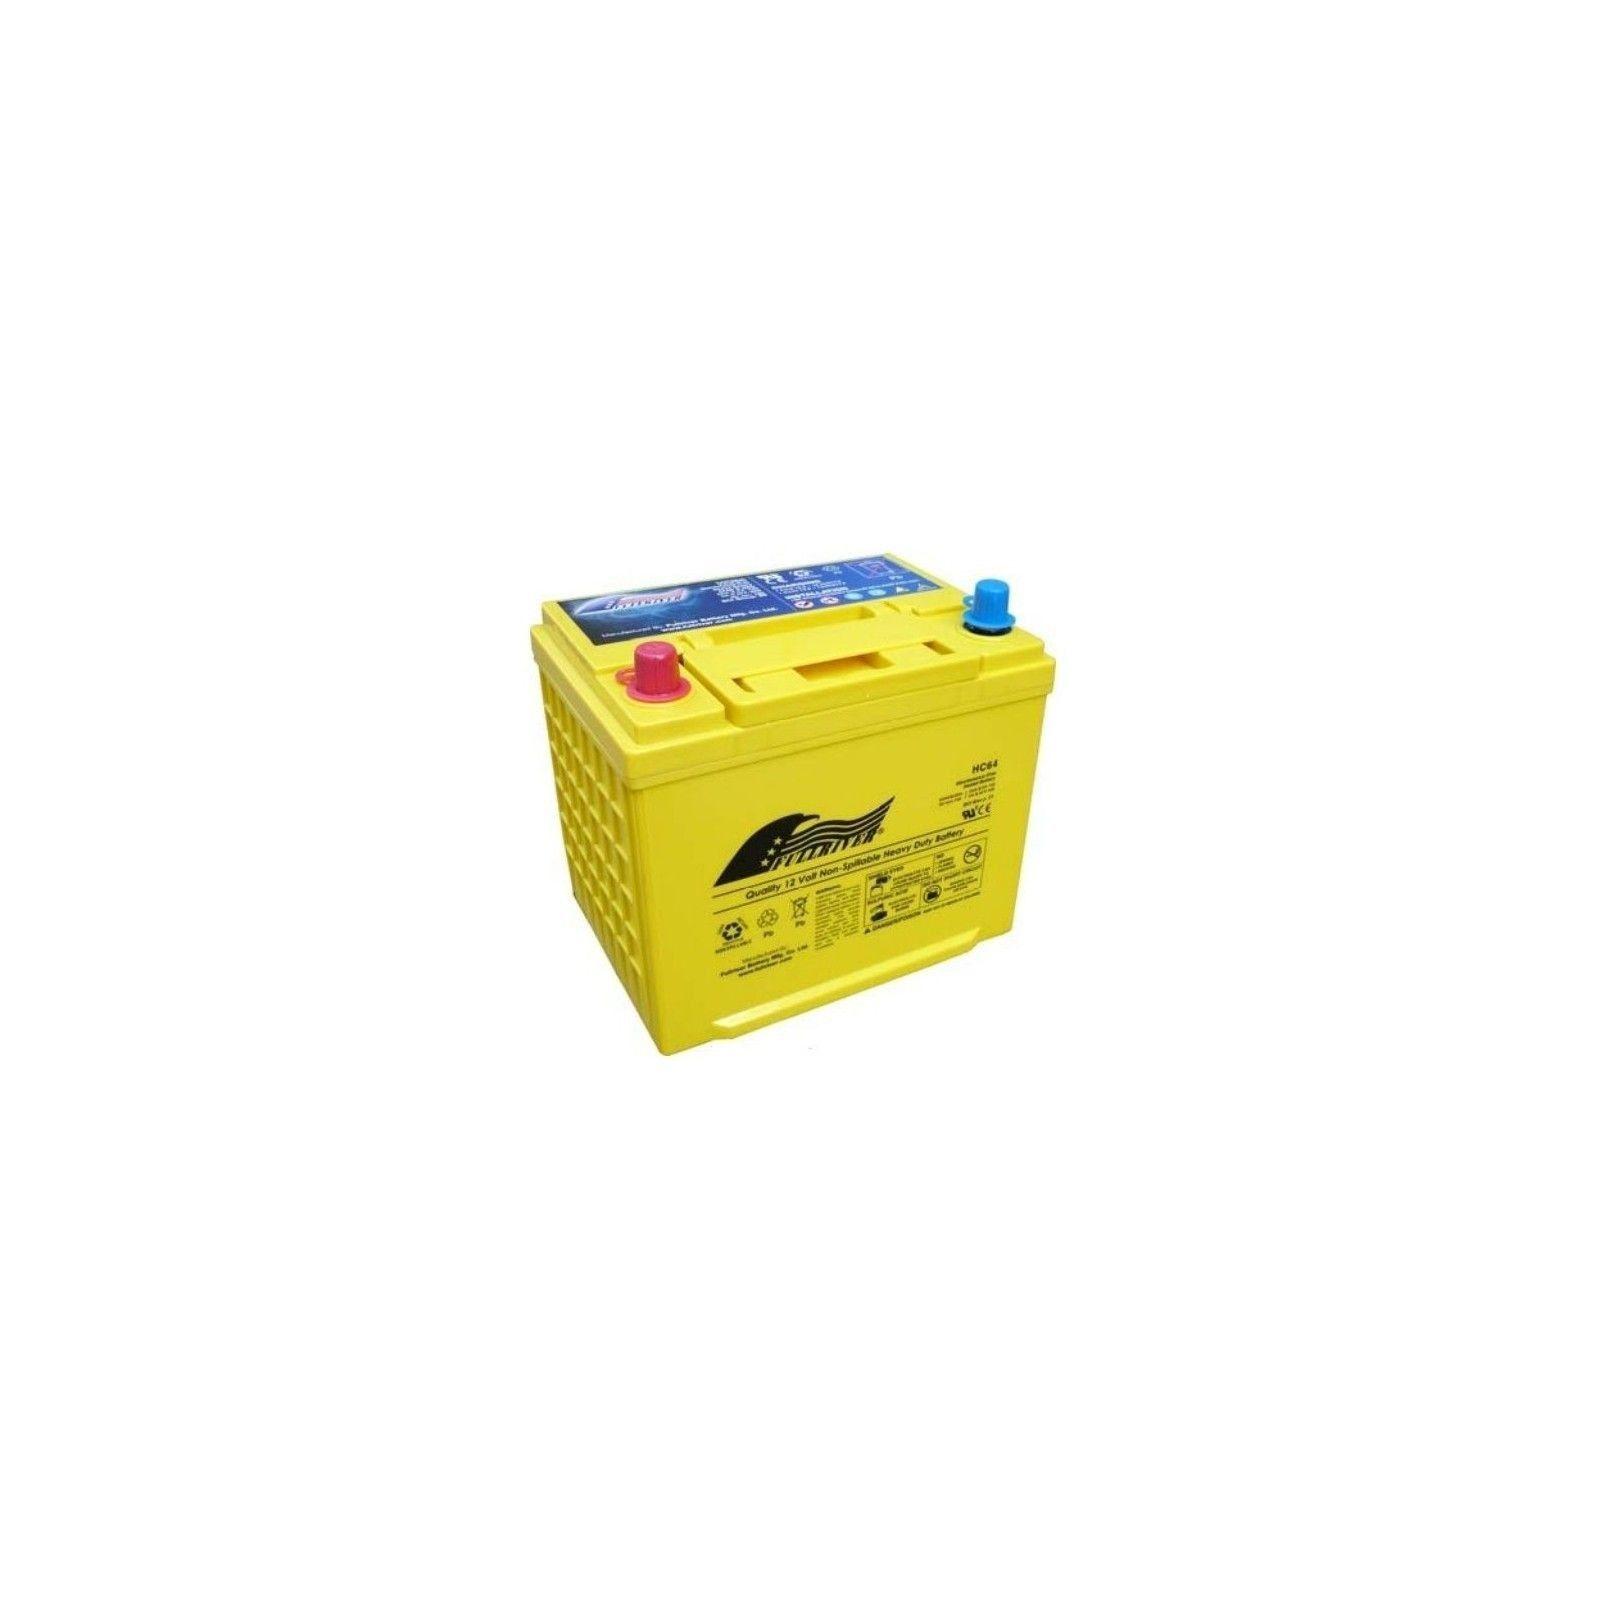 Batería Fullriver HC64 64Ah 750A 12V Hc FULLRIVER - 1